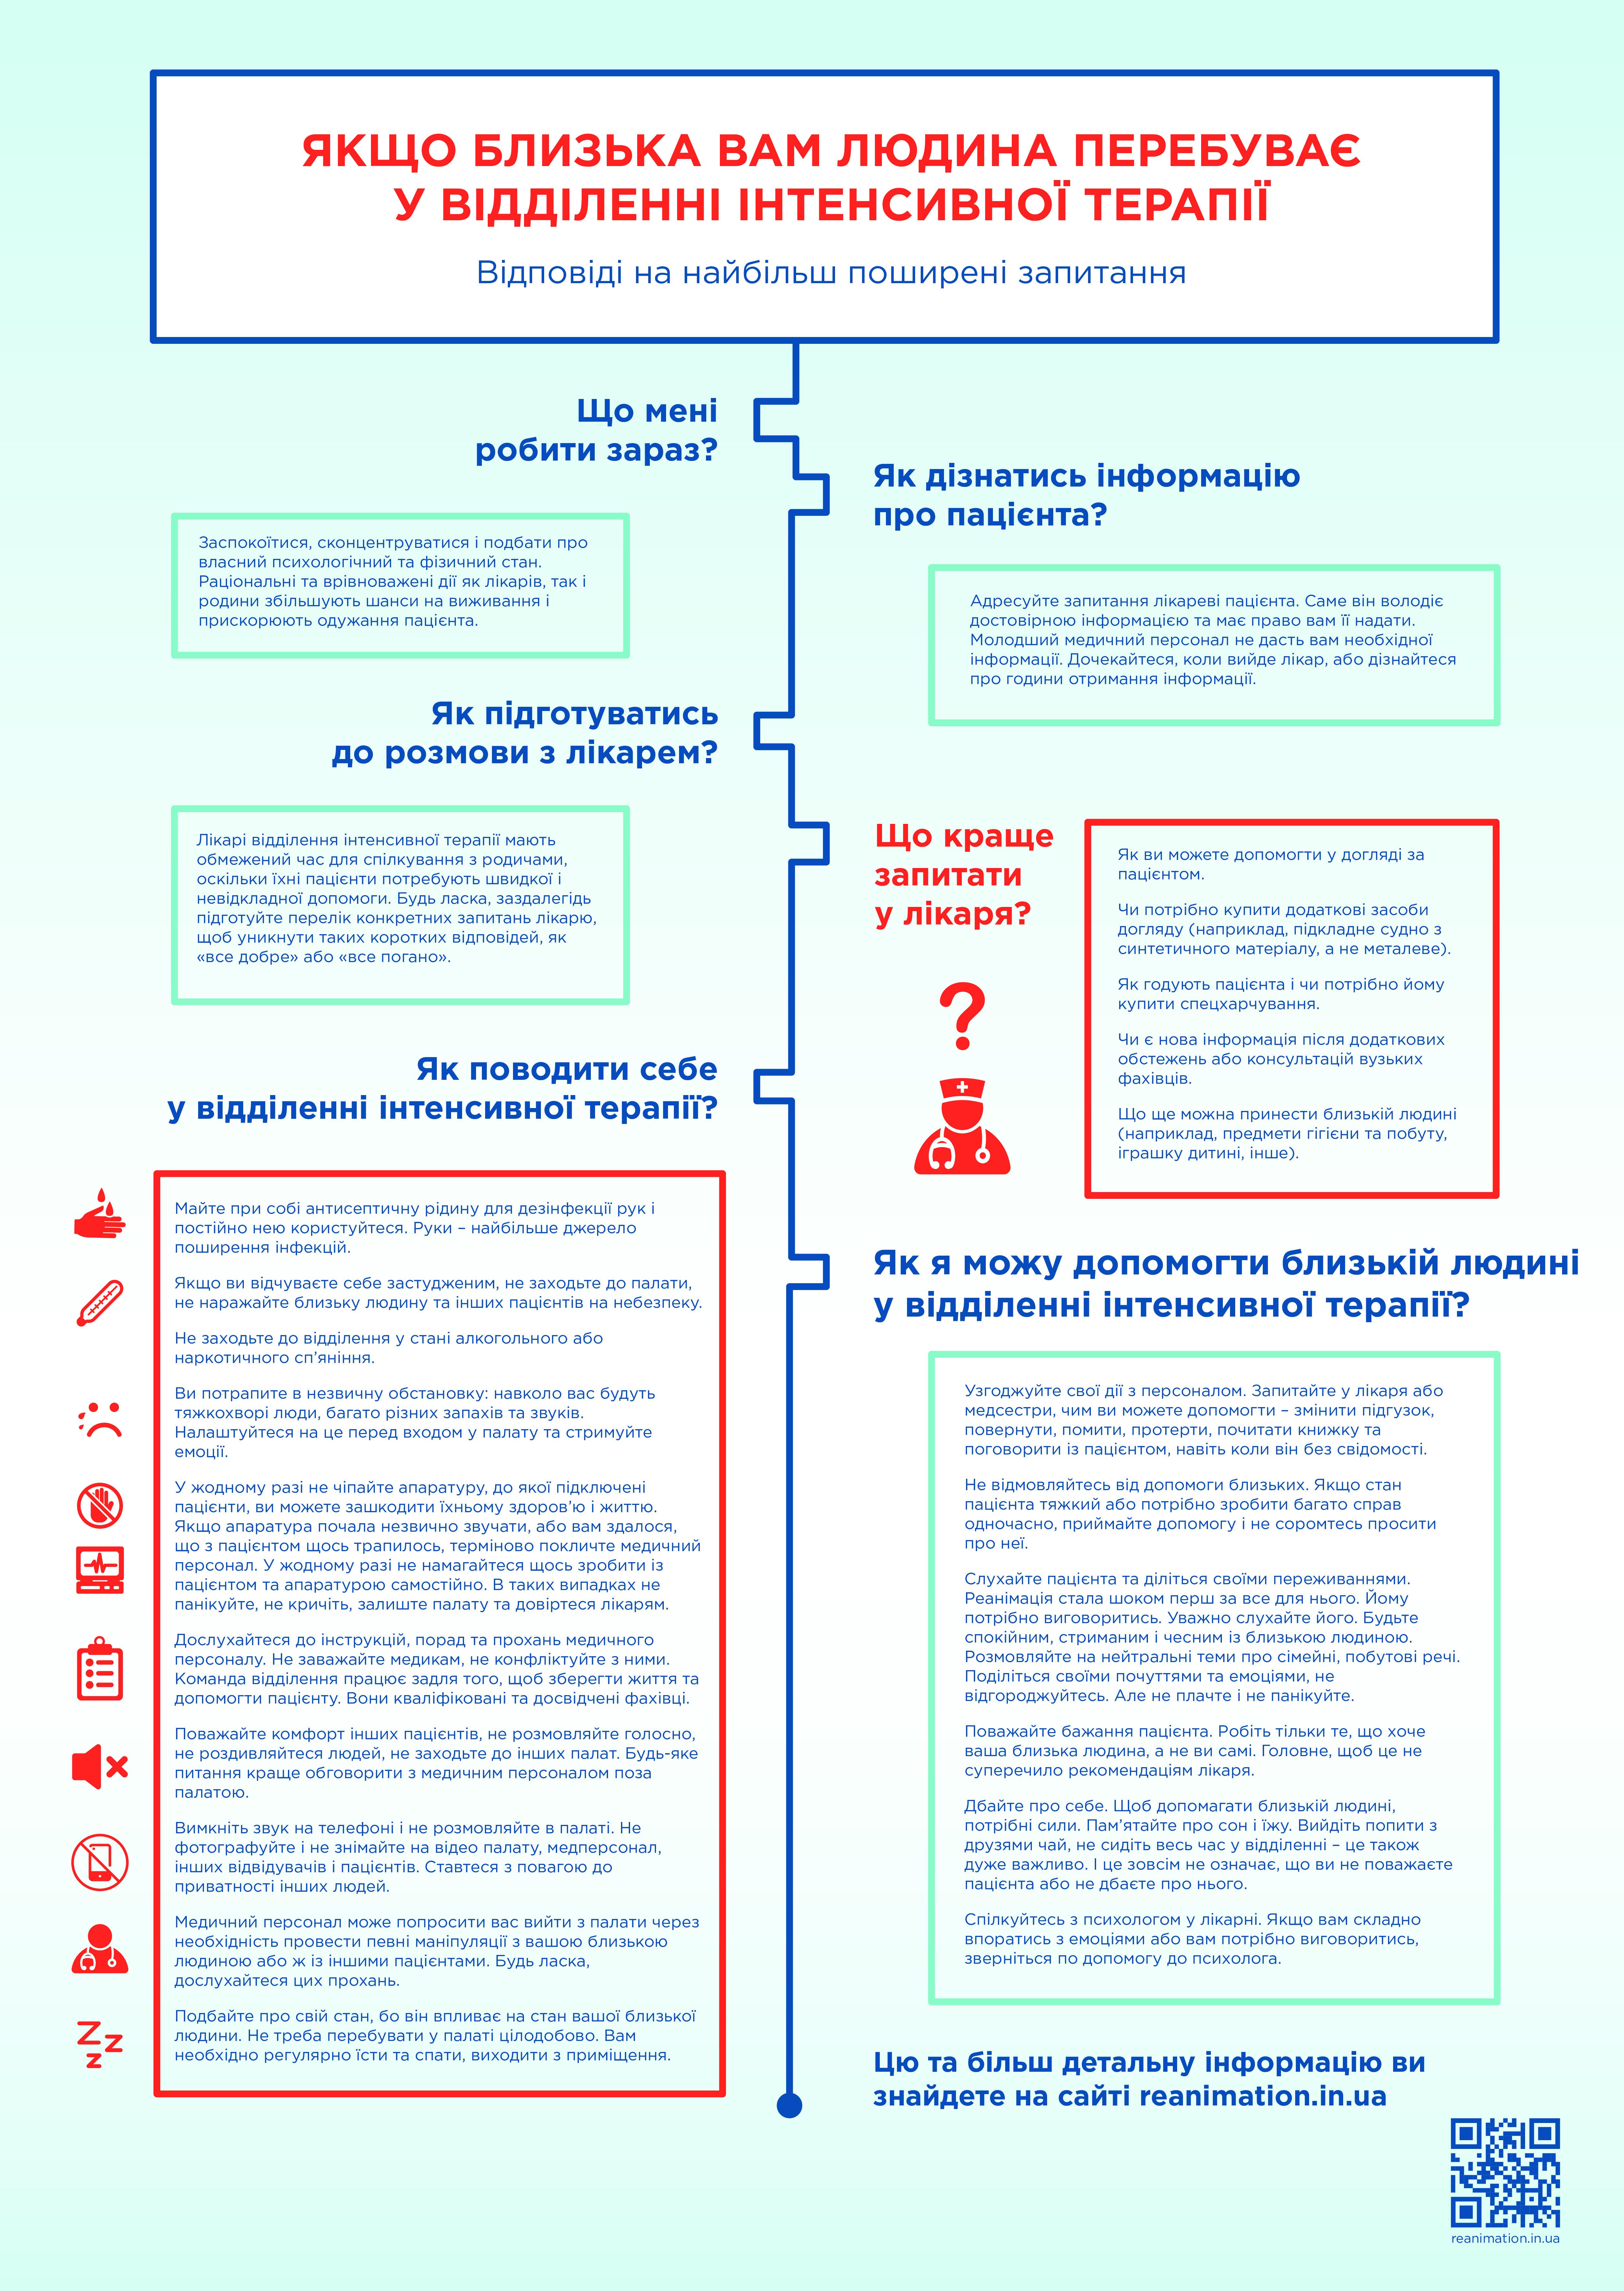 2 Pustytevreanymatsyyu-Rekomendatsyy-pdf.io_.jpg